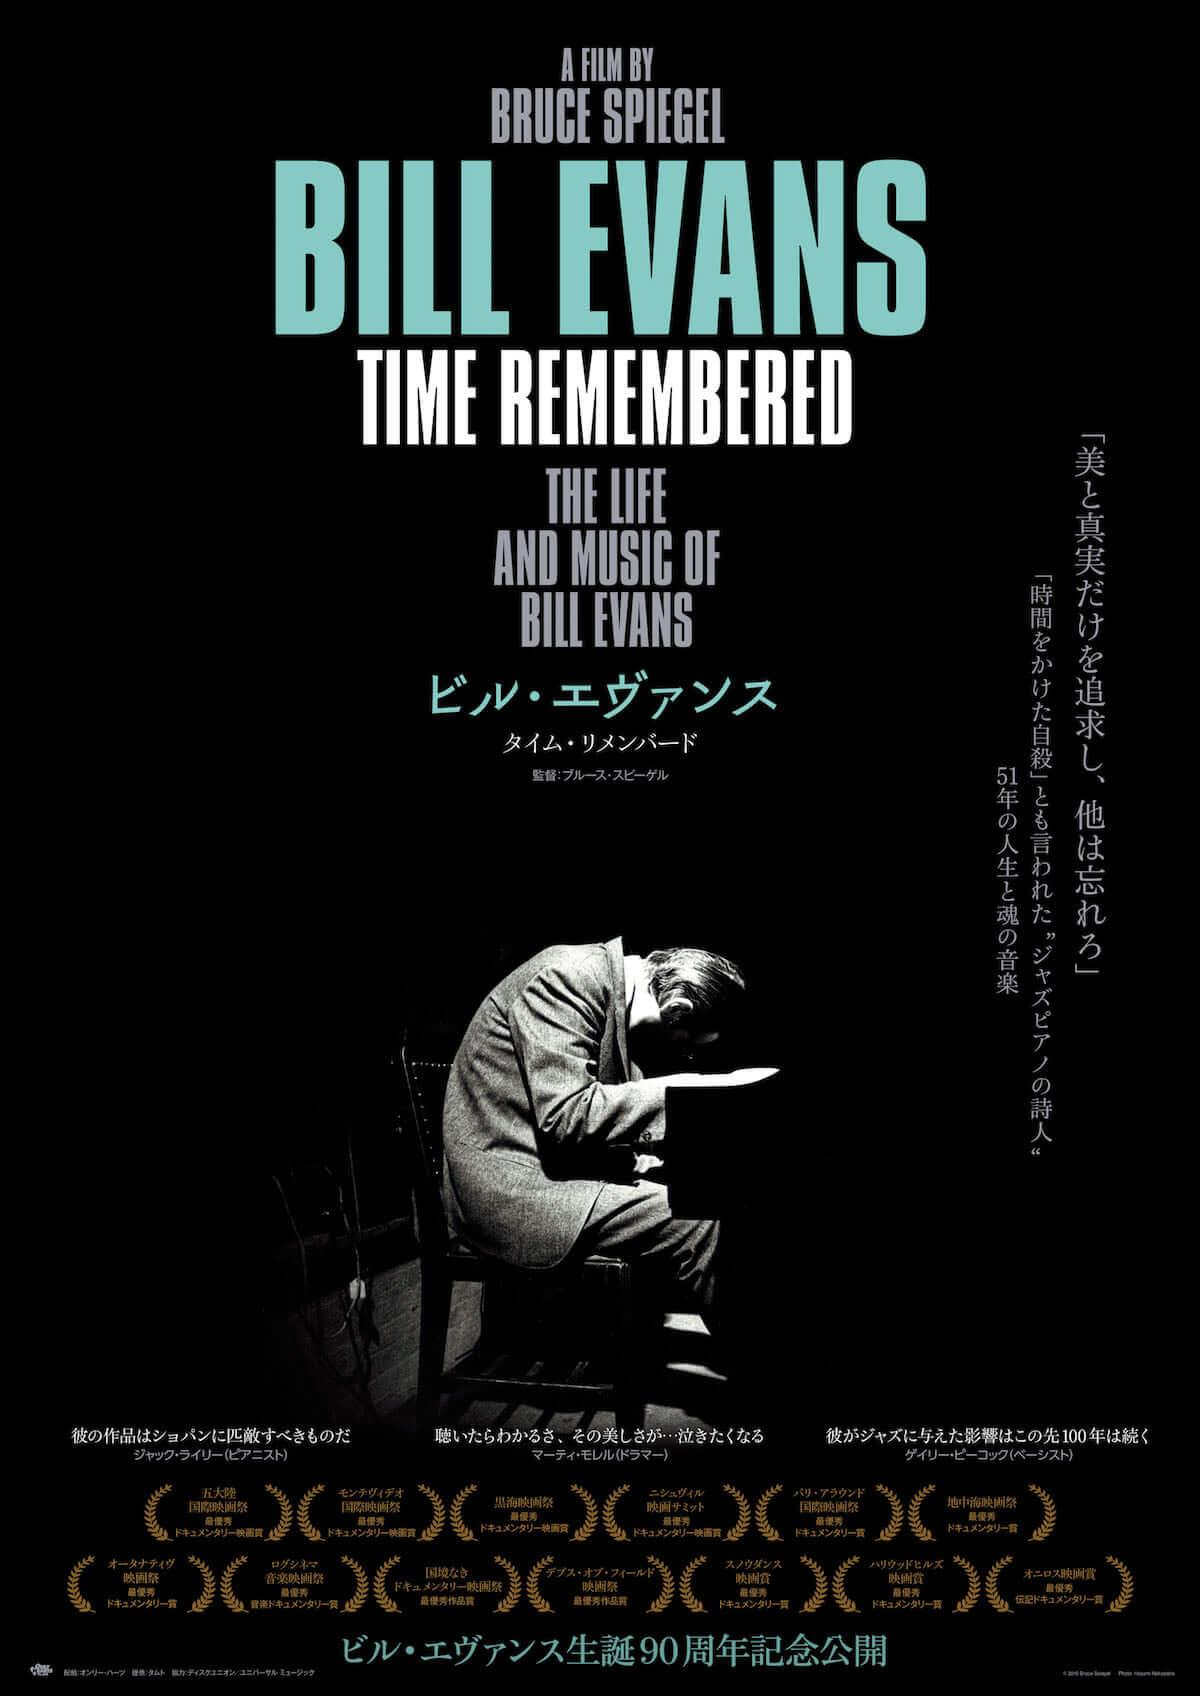 ビル・エヴァンス生誕90周年記念映画「ビル・エヴァンス タイム・リメンバード」が4月に公開 film190213-billevans-1200x1696